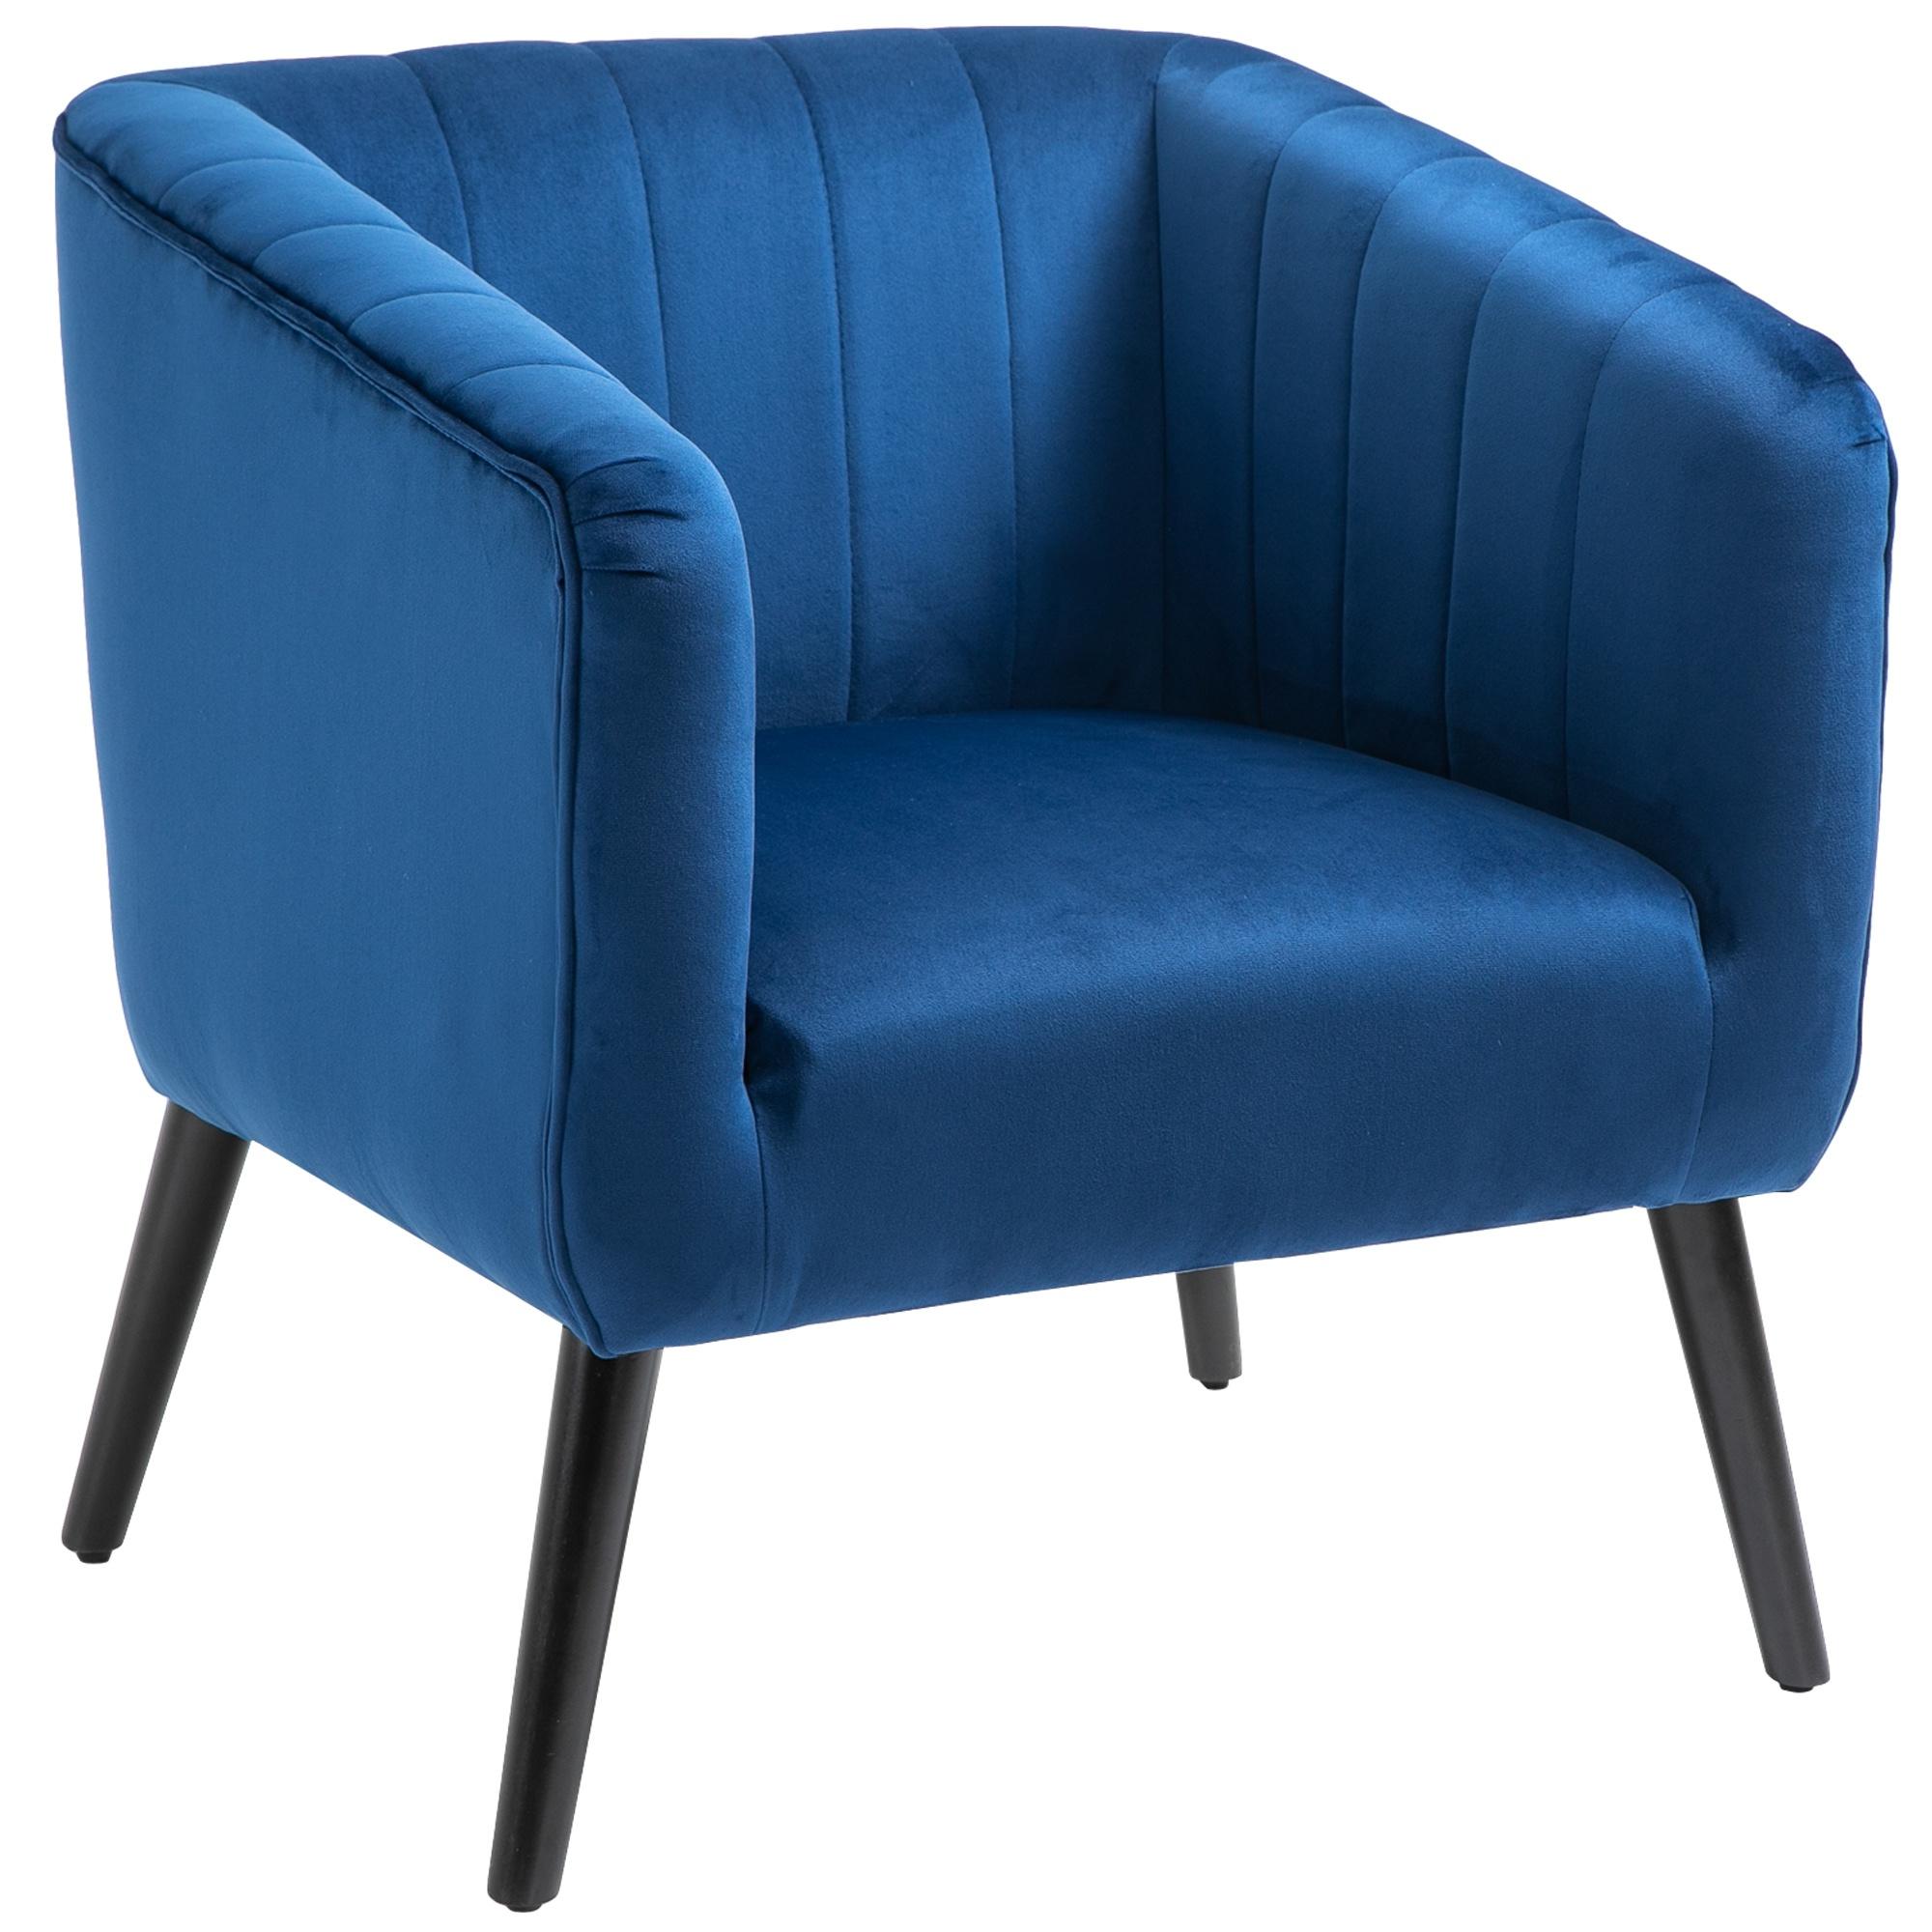 HOMCOM Poltroncina Moderna Stile Nordico Copertura Velluto e Gambe in Legno, Blu